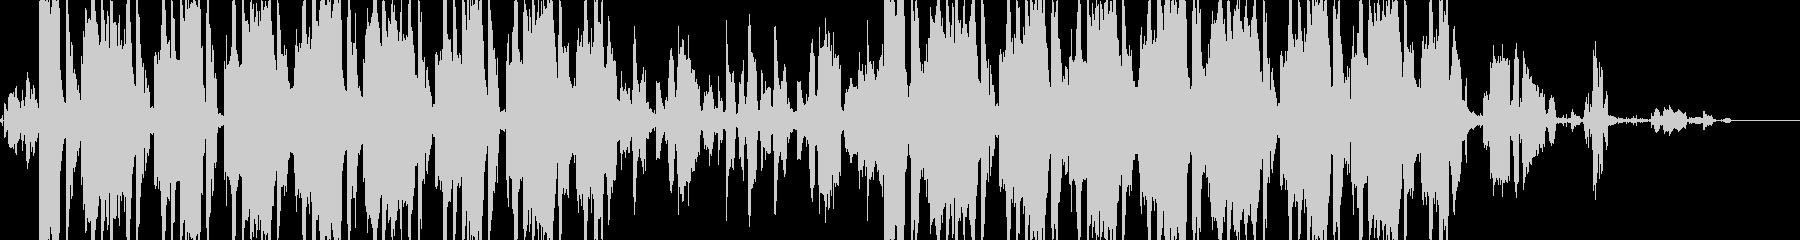 レトロ アクティブ 明るい ほのぼ...の未再生の波形